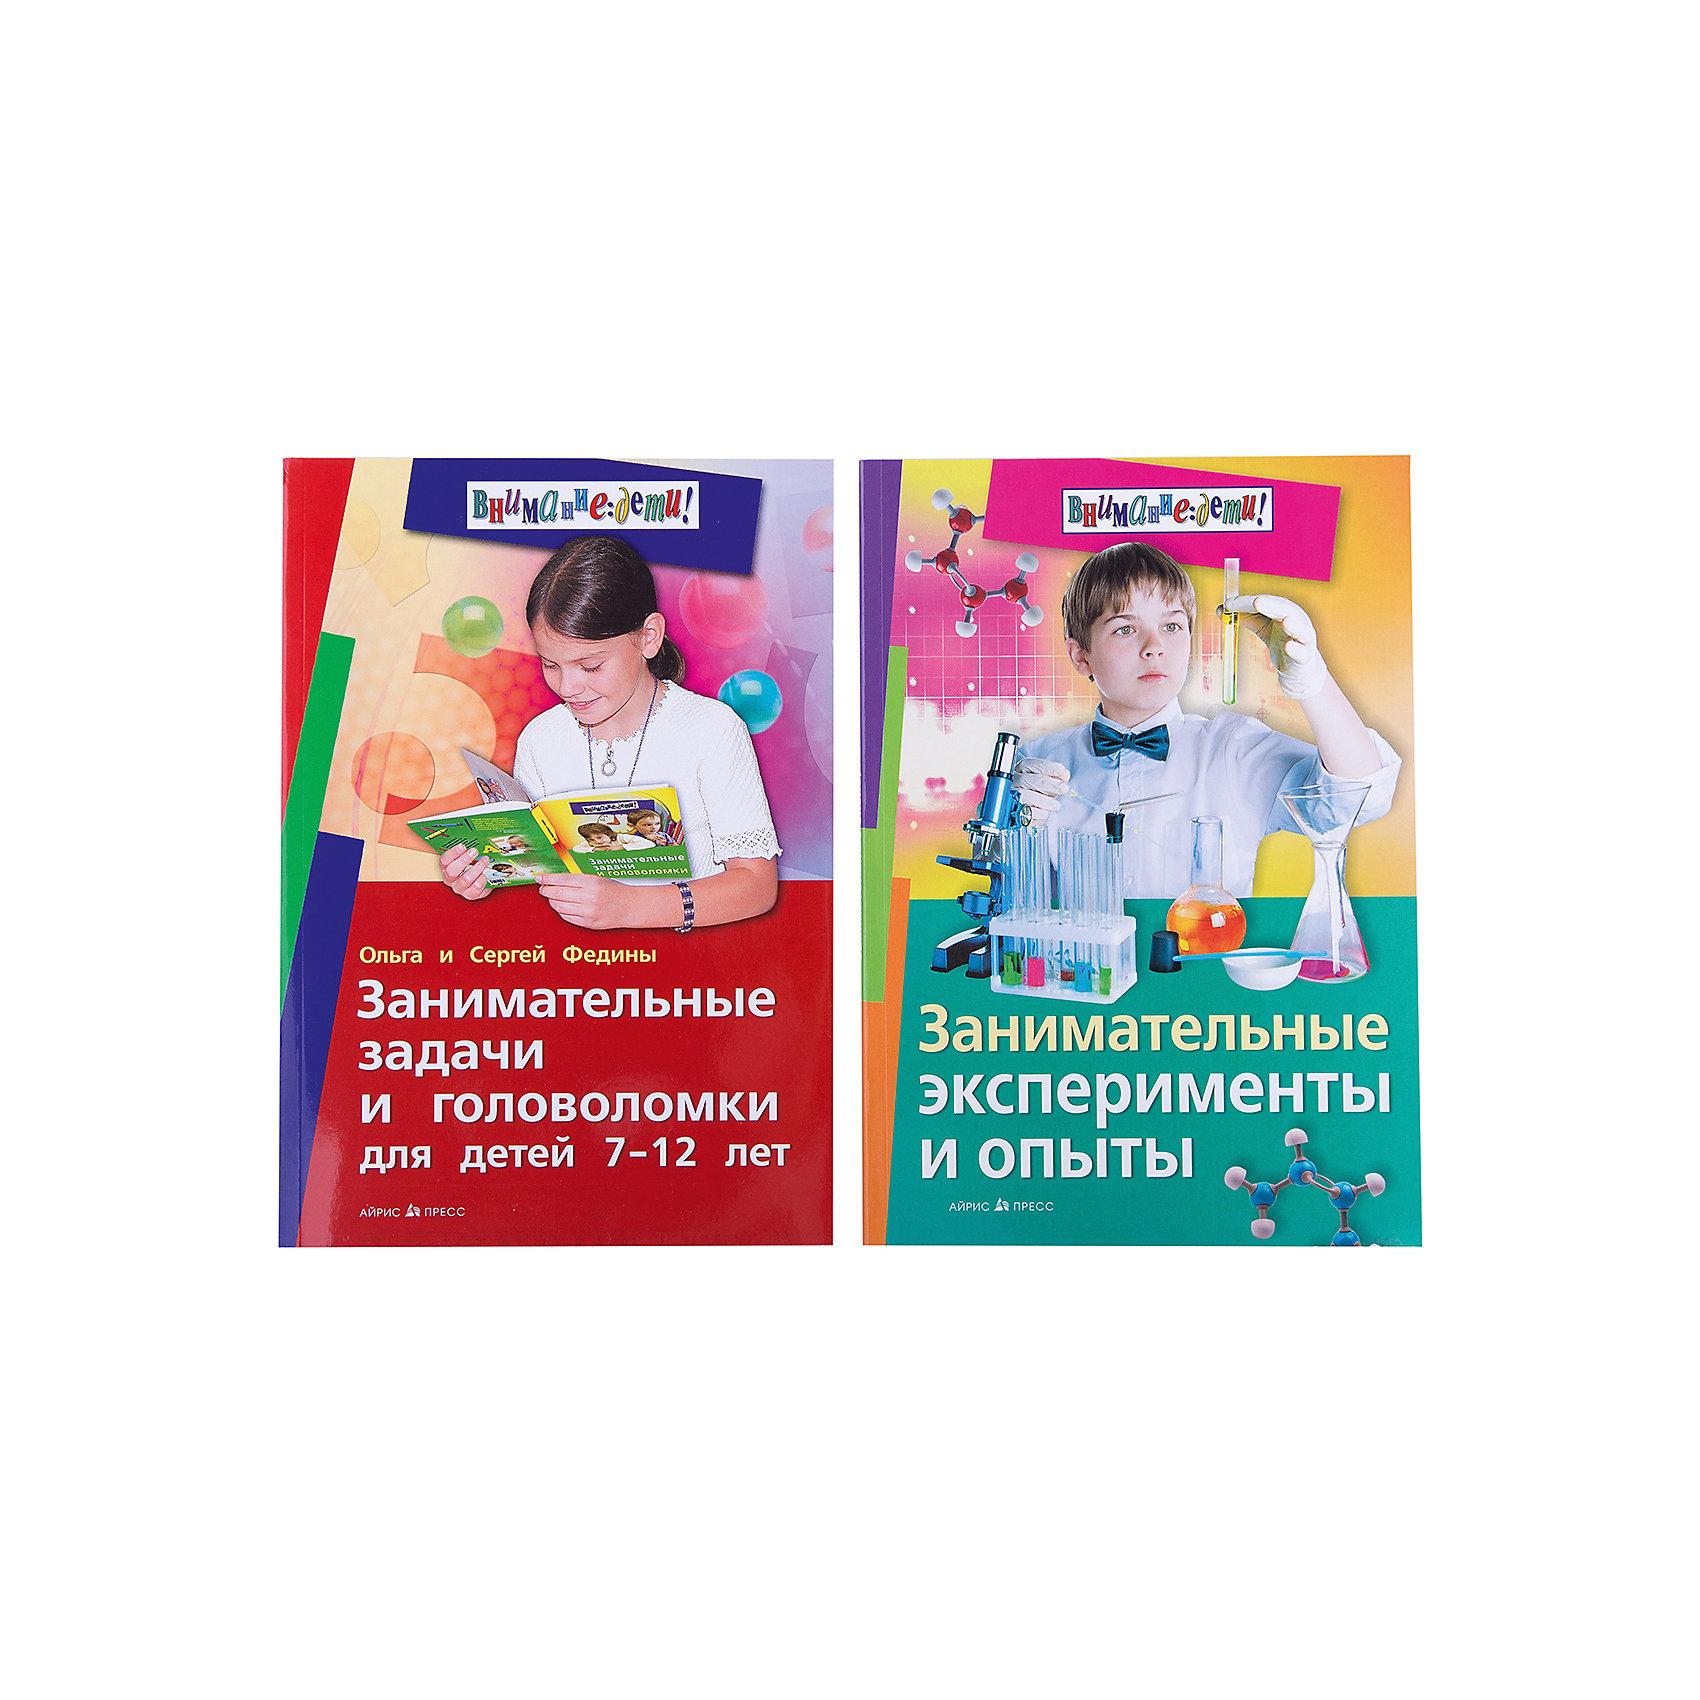 Занимательные задачи и головоломки: Занимательные эксперименты и опытыВикторины, ребусы<br>Комплект состоит из 2 книг. 1. «Занимательные задачи и головоломки для детей 7-12 лет». Занимательные задания, которые в ней собраны, написаны с юмором и развивают самые разные стороны интеллекта: логическое и ассоциативное мышление, внимание, сообразительность, умение нестандартно мыслить. Книга адресована  родителям и школьным учителям для занятий с детьми 7-12 лет. 2. «Занимательные эксперименты и опыты» В книге в доступной и популярной форме рассказывается об основных законах физики и химии, а также явлениях из области ботаники и биологии. Описание каждого явления и эксперимента проиллюстрировано цветными рисунками. Книга будет интересна детям от 9 до14 лет.<br><br>Ширина мм: 15<br>Глубина мм: 165<br>Высота мм: 235<br>Вес г: 366<br>Возраст от месяцев: -2147483648<br>Возраст до месяцев: 2147483647<br>Пол: Унисекс<br>Возраст: Детский<br>SKU: 6849678